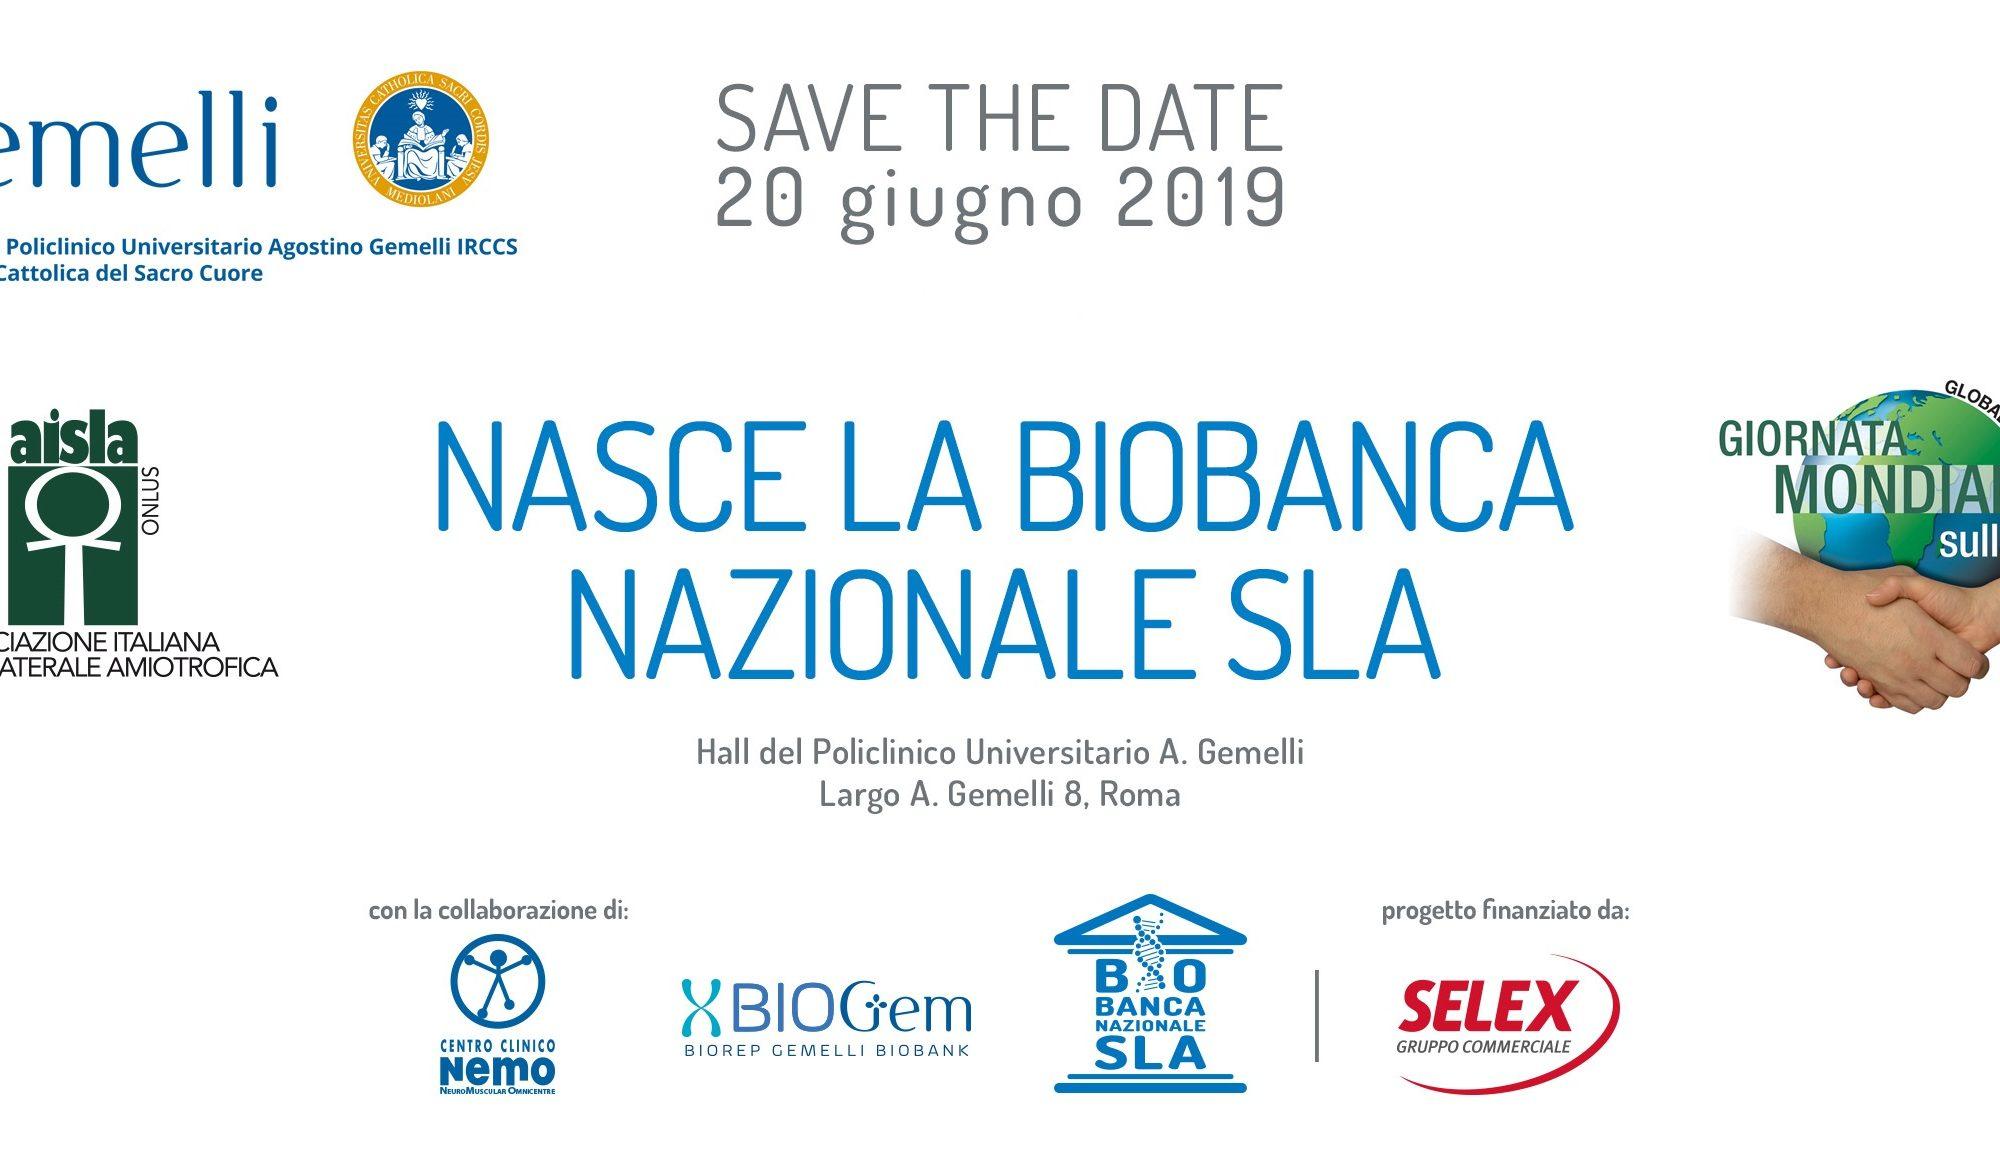 Nasce la prima Biobanca nazionale SLA